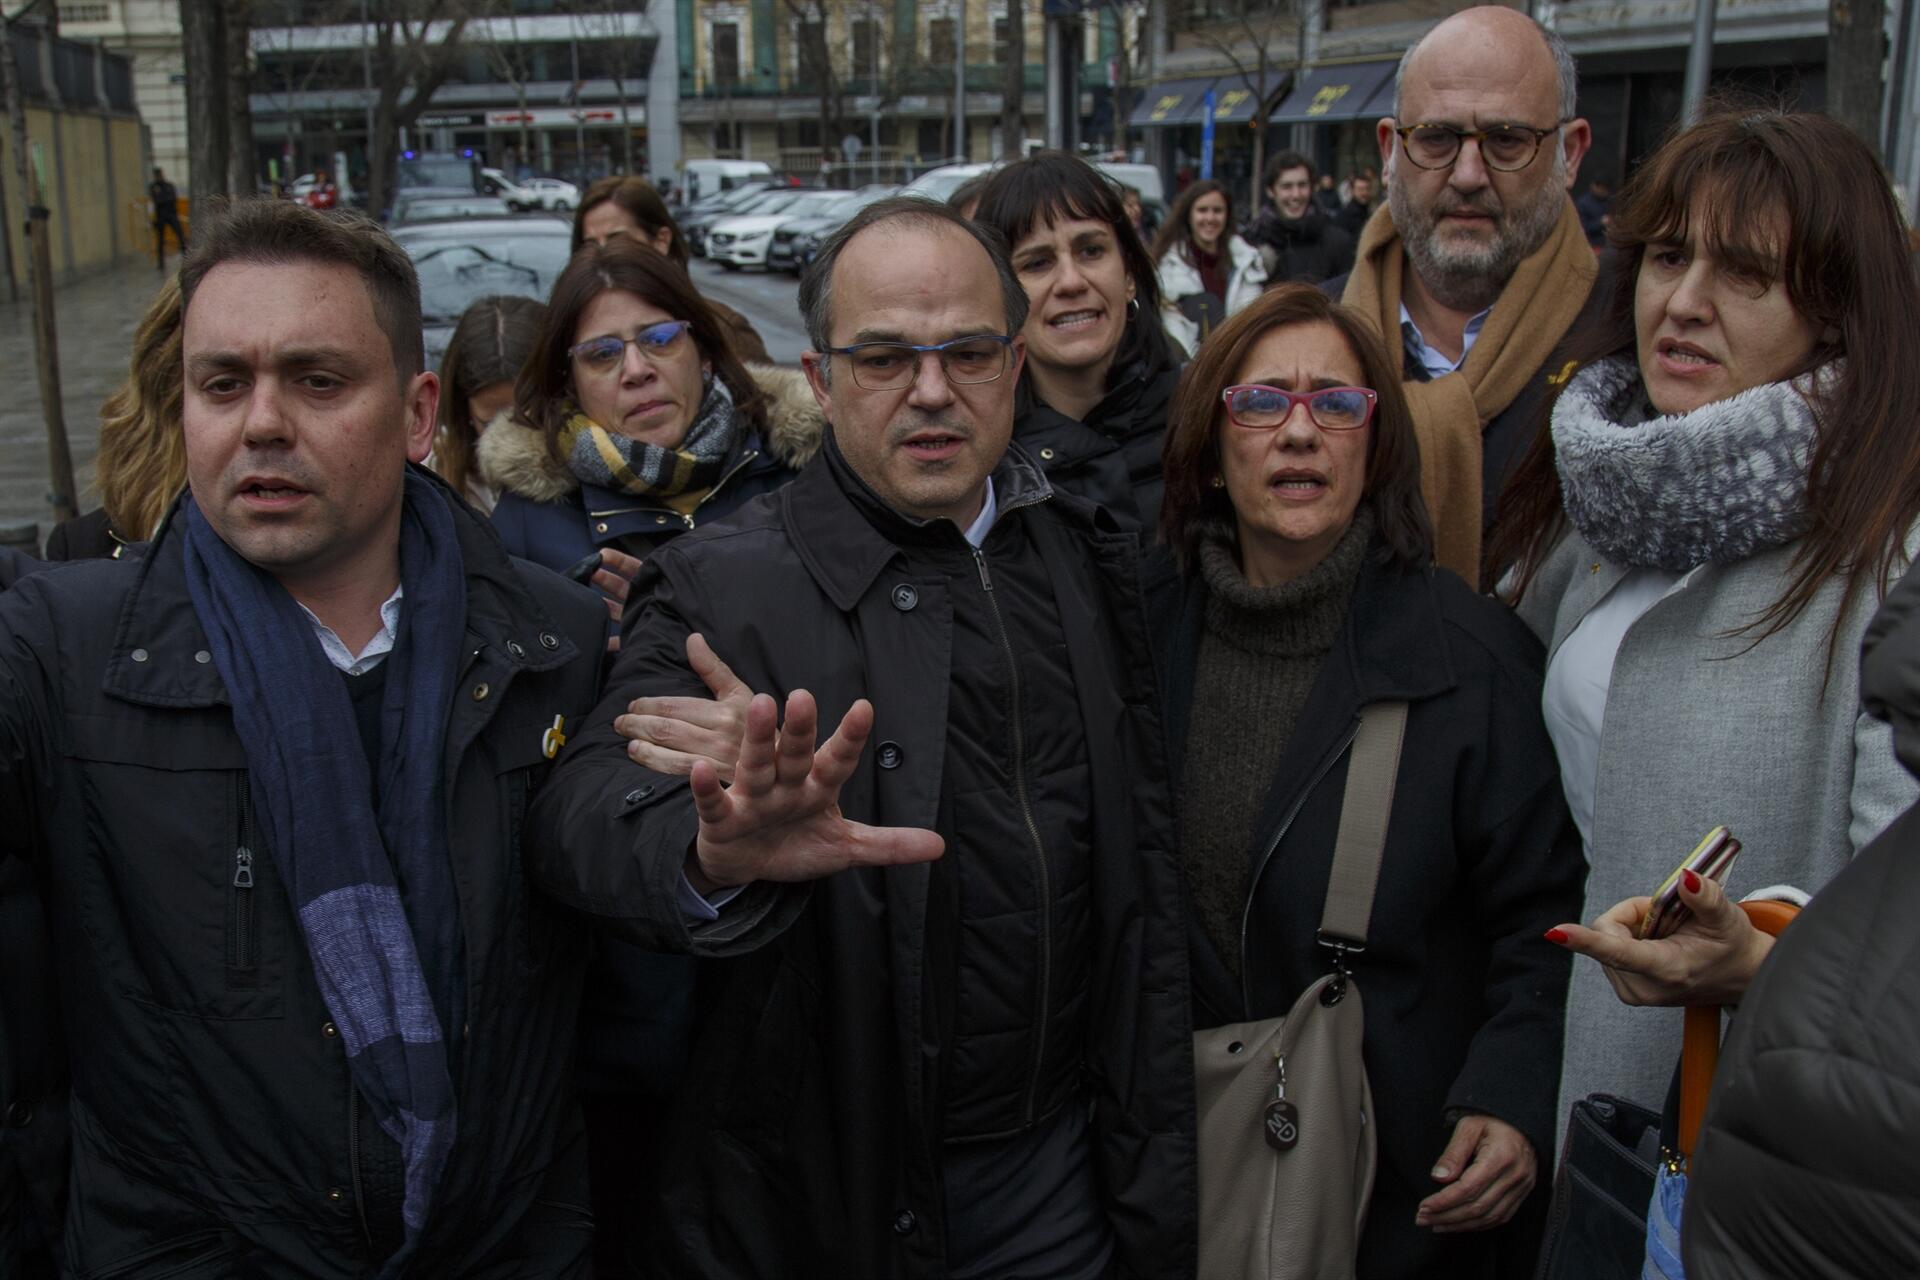 İspanya'da 5 ayrılıkçı Katalan siyasetçi daha tutuklandı